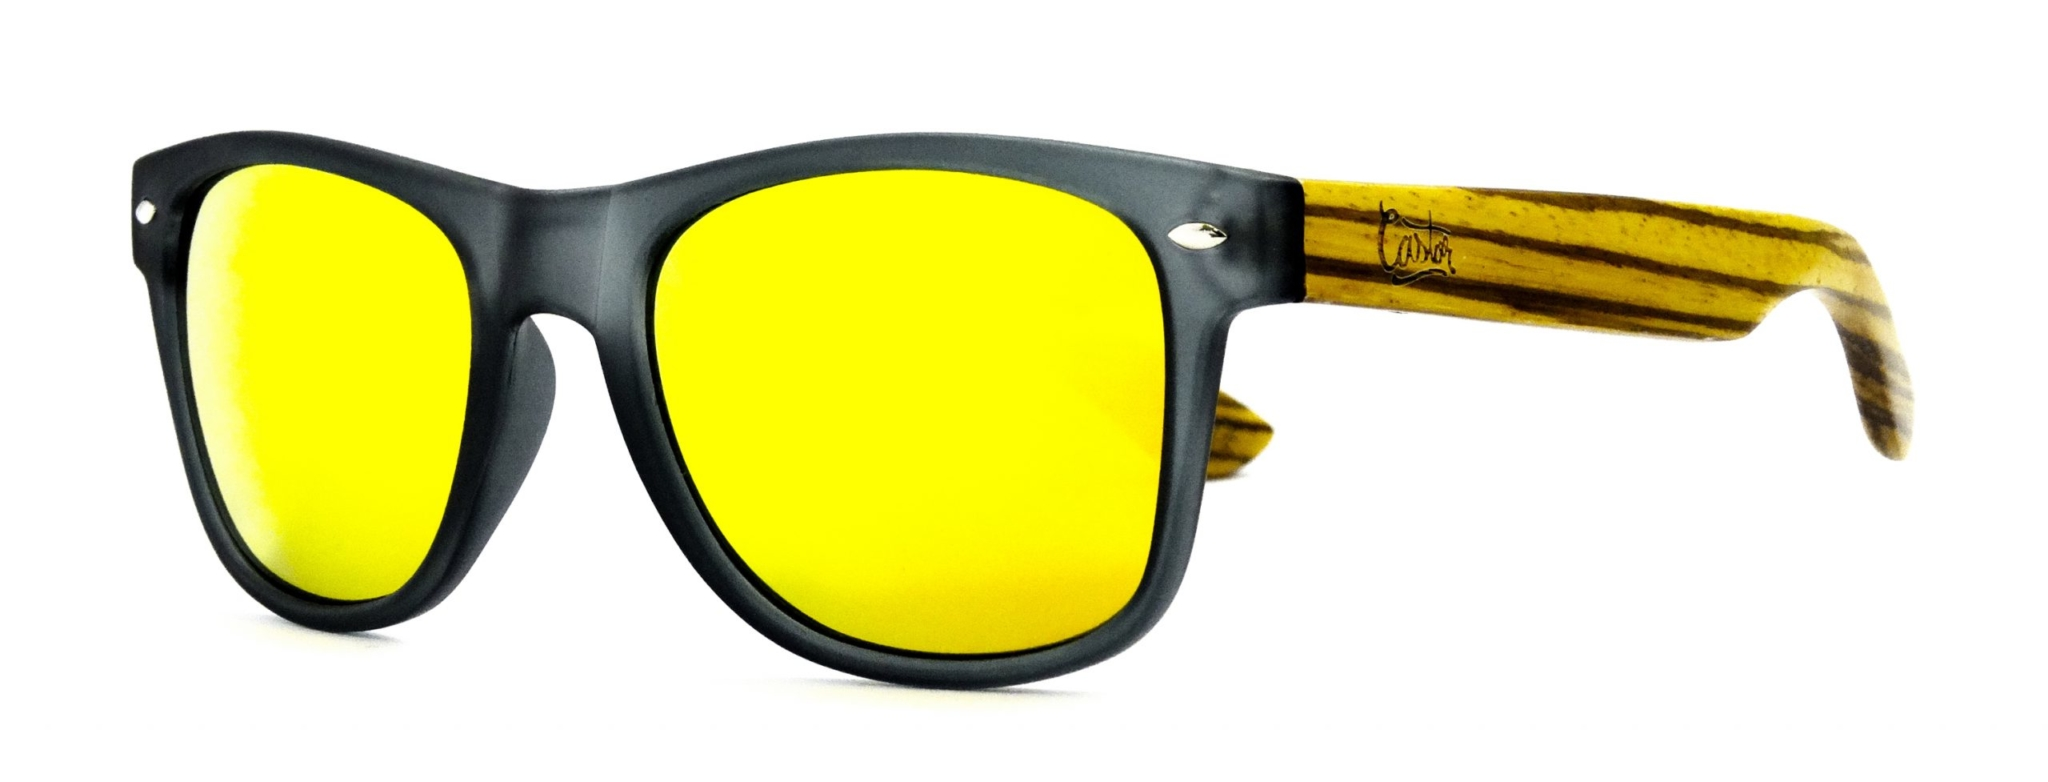 da20b160-123b-gafas-de-sol